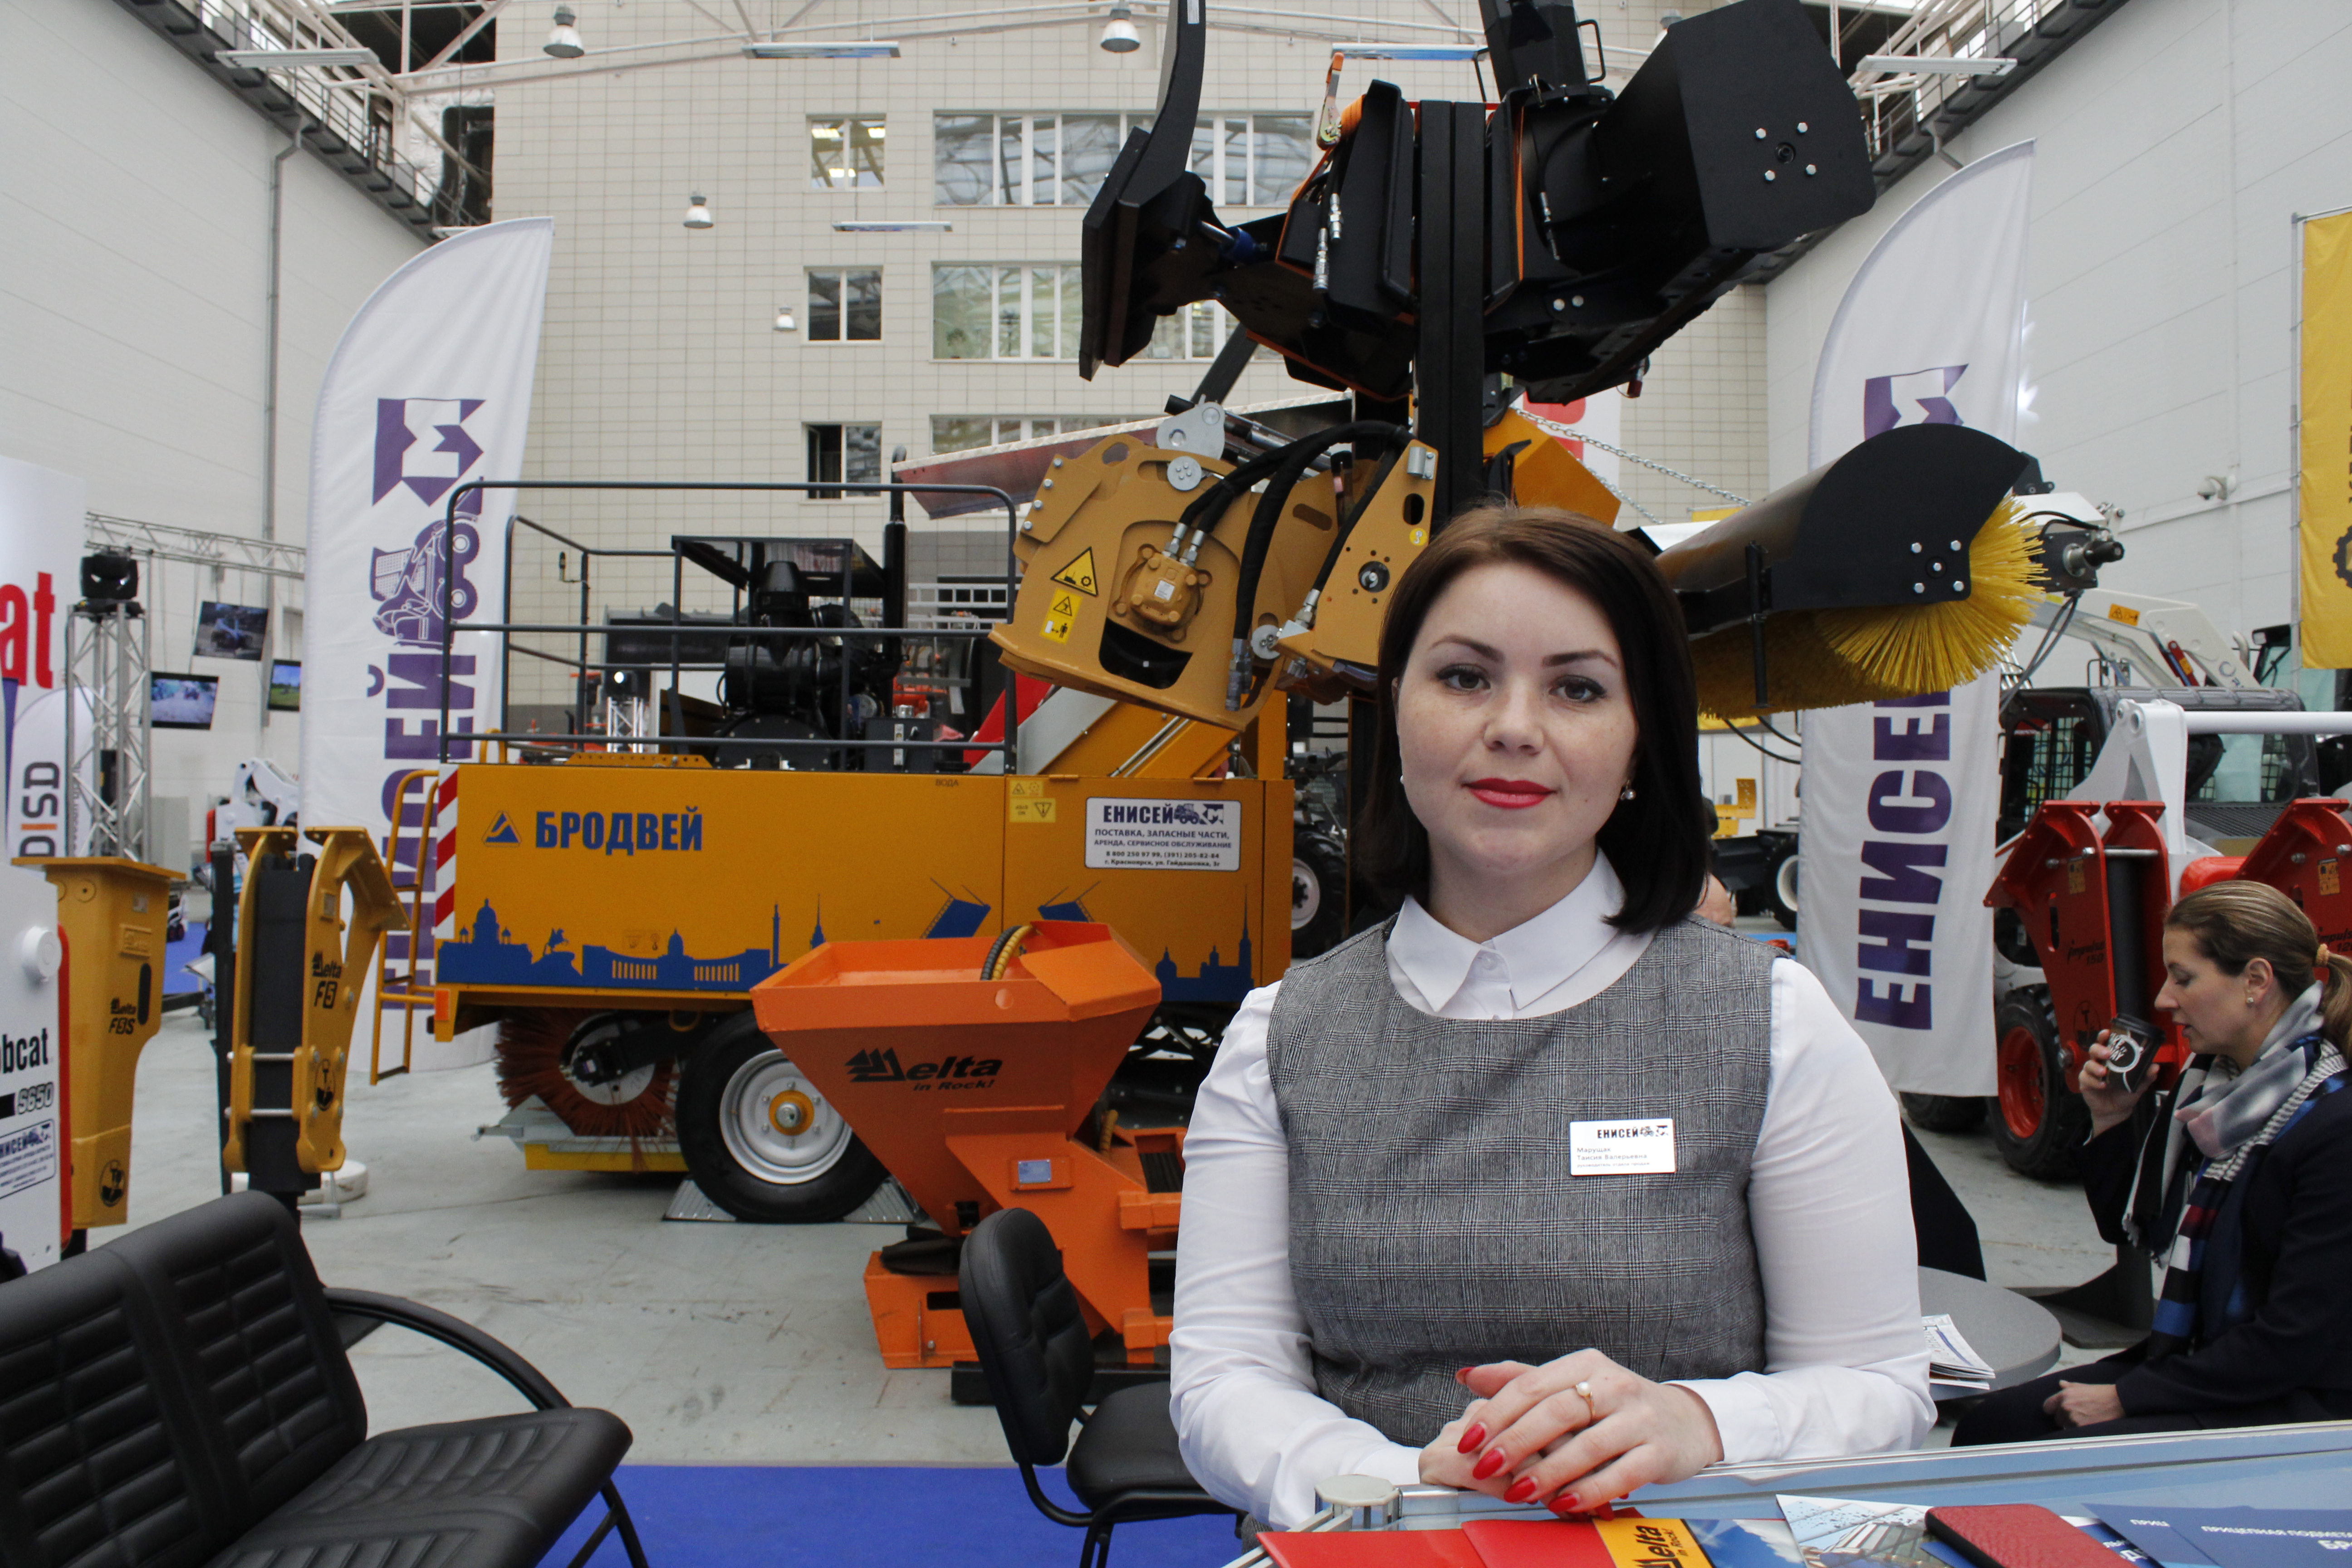 Таисия Марущак, руководитель отдела продаж ООО «Енисей-М» (официальный дилер Hyundai, Komatsu, Tarsus, Bobcat)